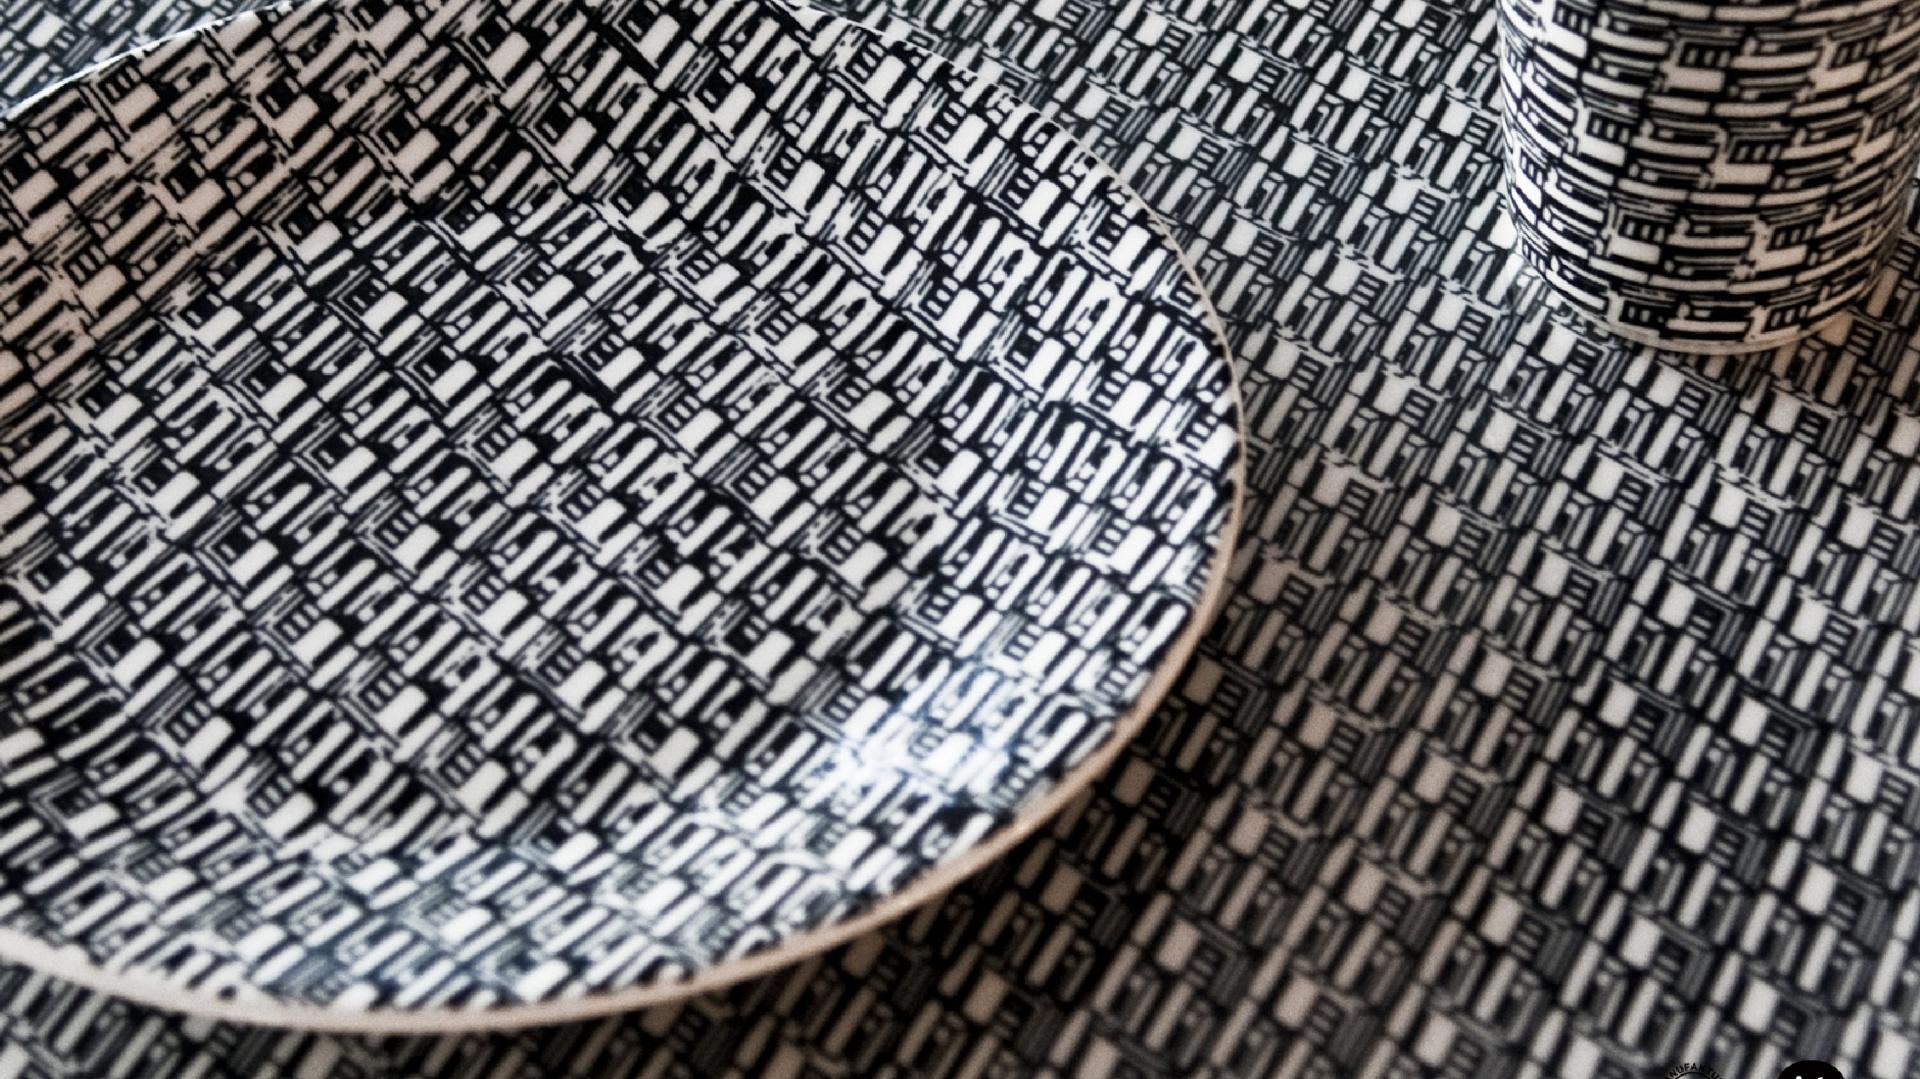 Nowe wzory by Oskar Zięta to udane połączenie tradycyjnego rzemiosła z nowoczesną technologią.